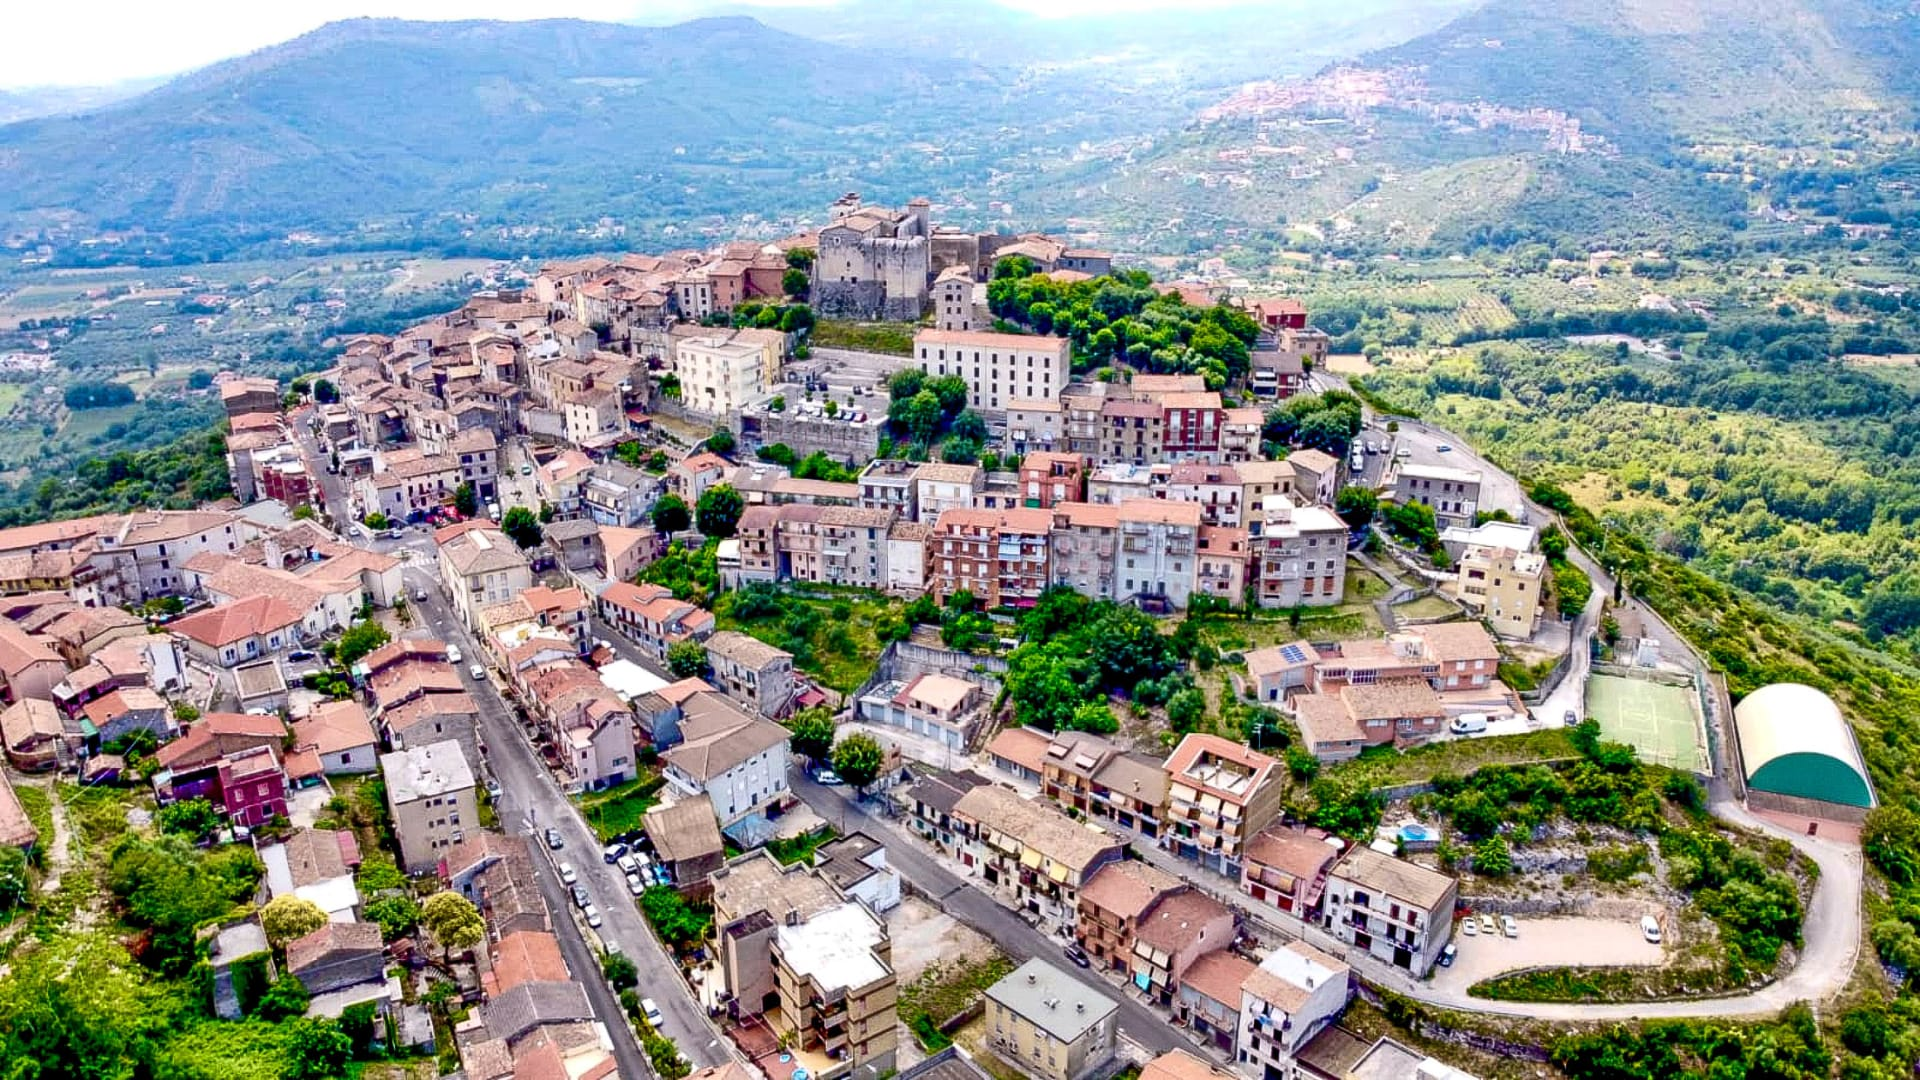 قرية جديدة تنضم إلى مبادرة بيع المنازل بسعر يورو واحد في إيطاليا..ما الذي يميزها؟